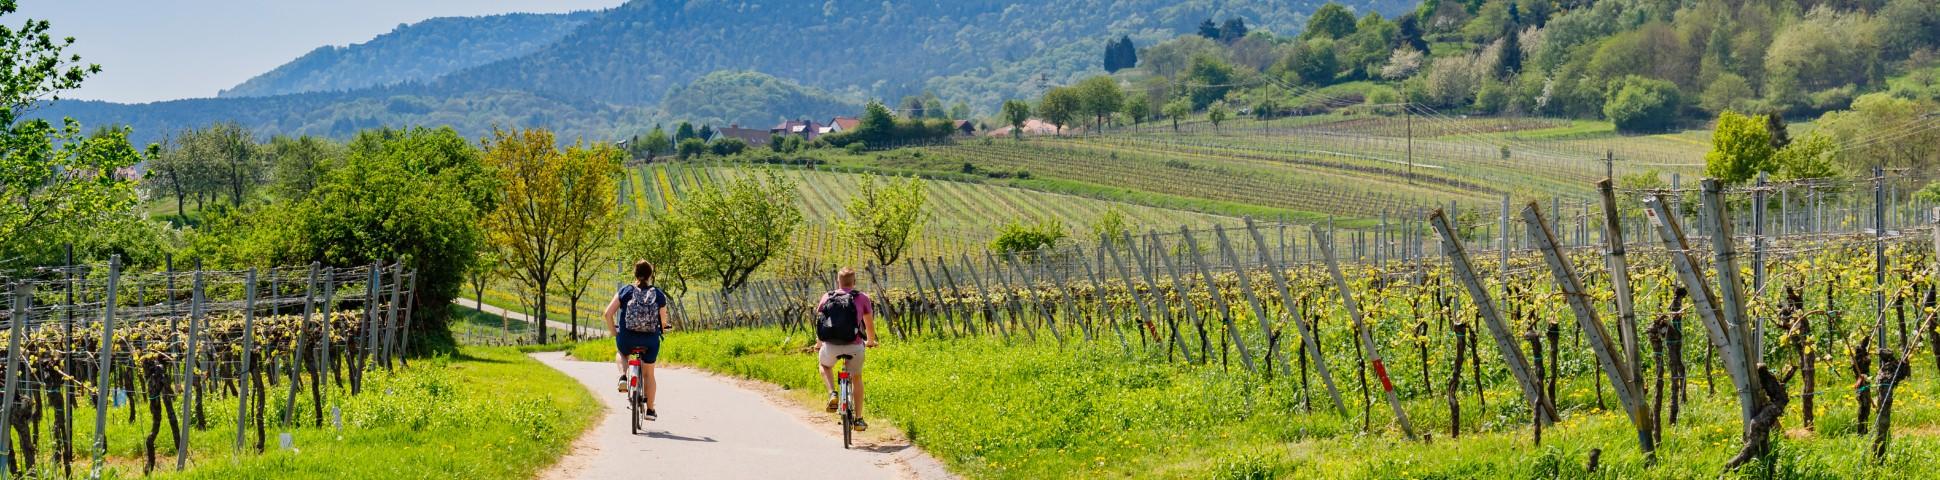 Biking path through vineyards